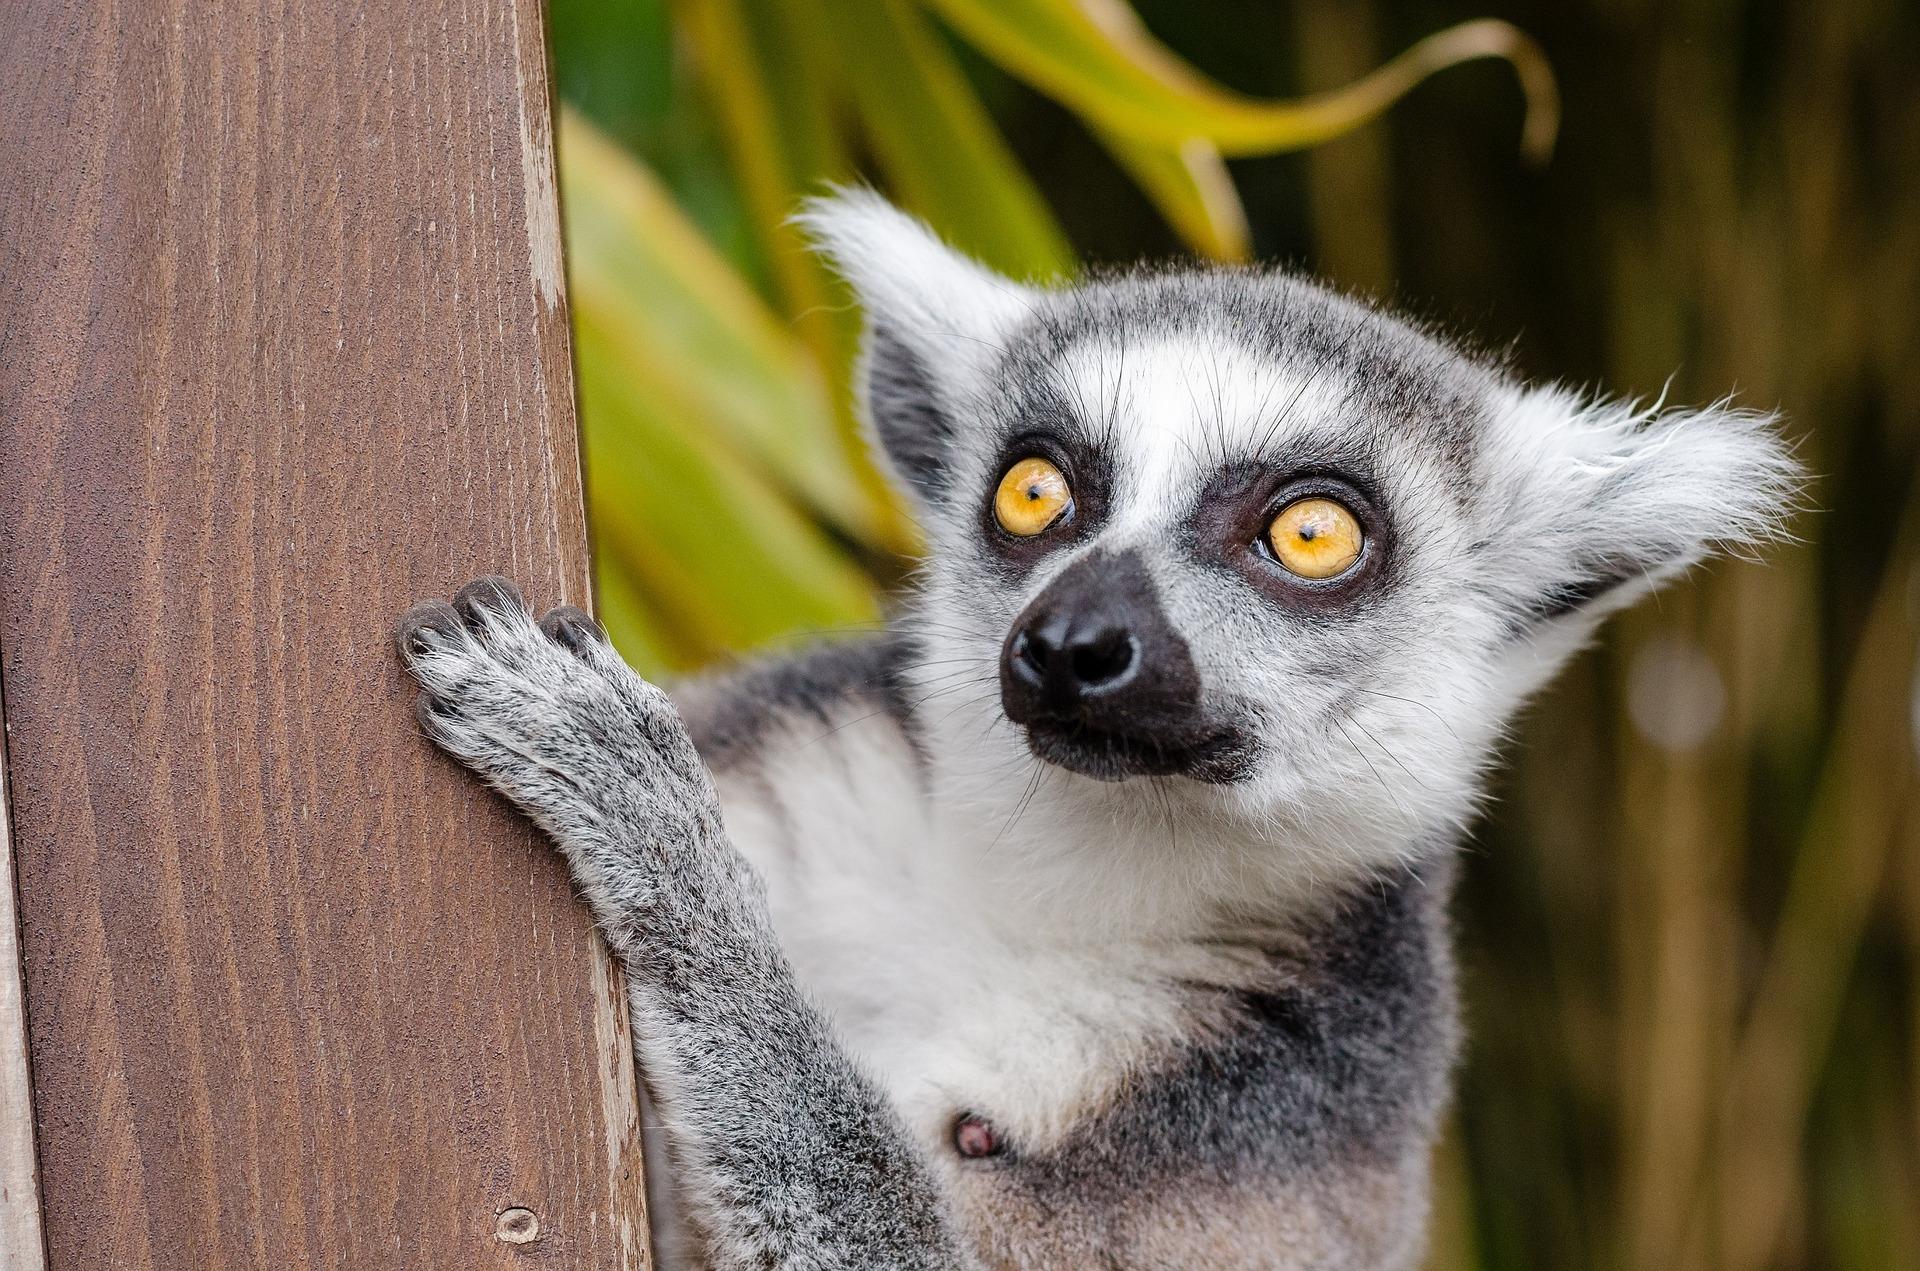 download wallpaper: Lemur wallpaper